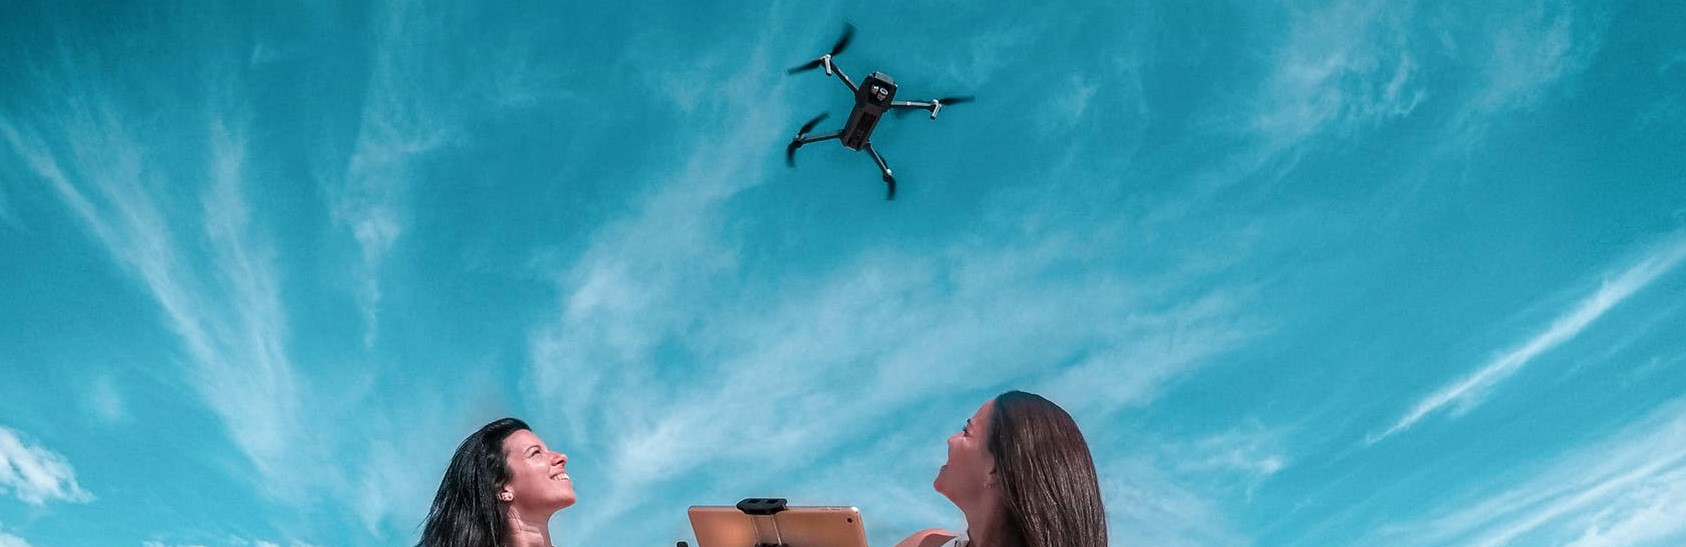 DRONES. LOS SALVAVIDAS DEL AIRE